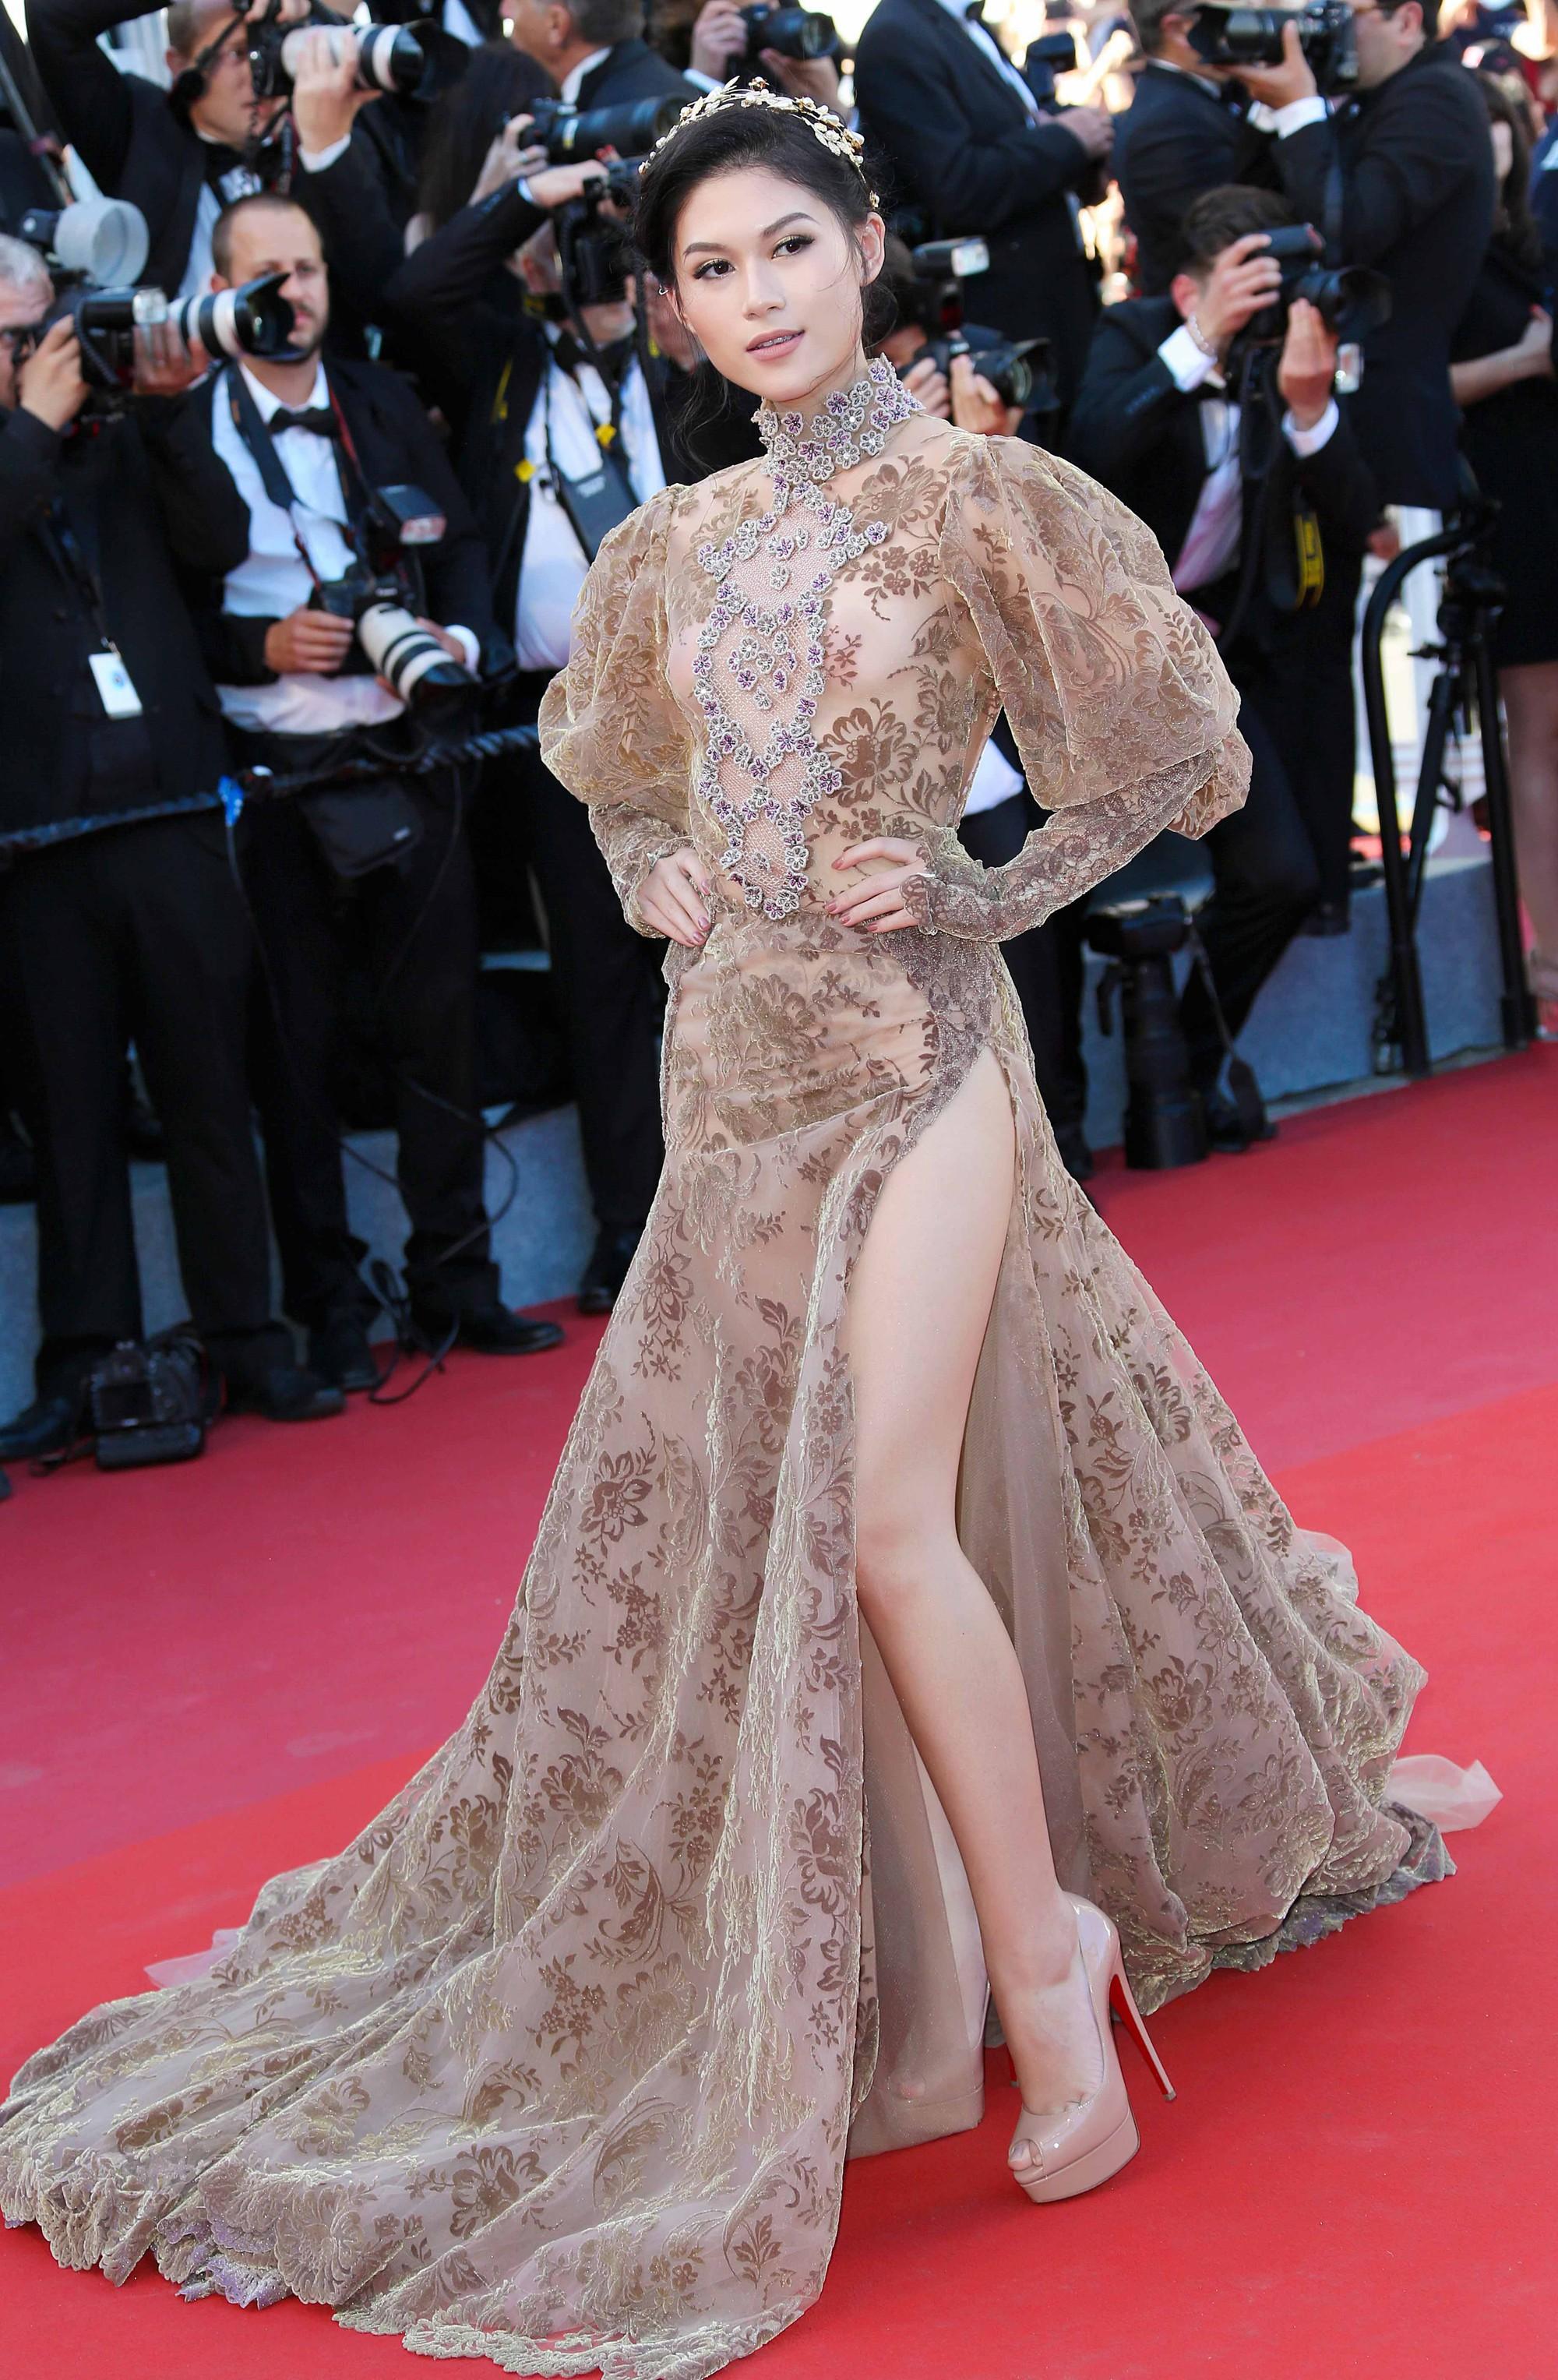 Sao Việt đến Cannes qua các mùa: Người vinh dự có tác phẩm, kẻ tơ hơ không ai biết xuất hiện để làm gì - Ảnh 25.